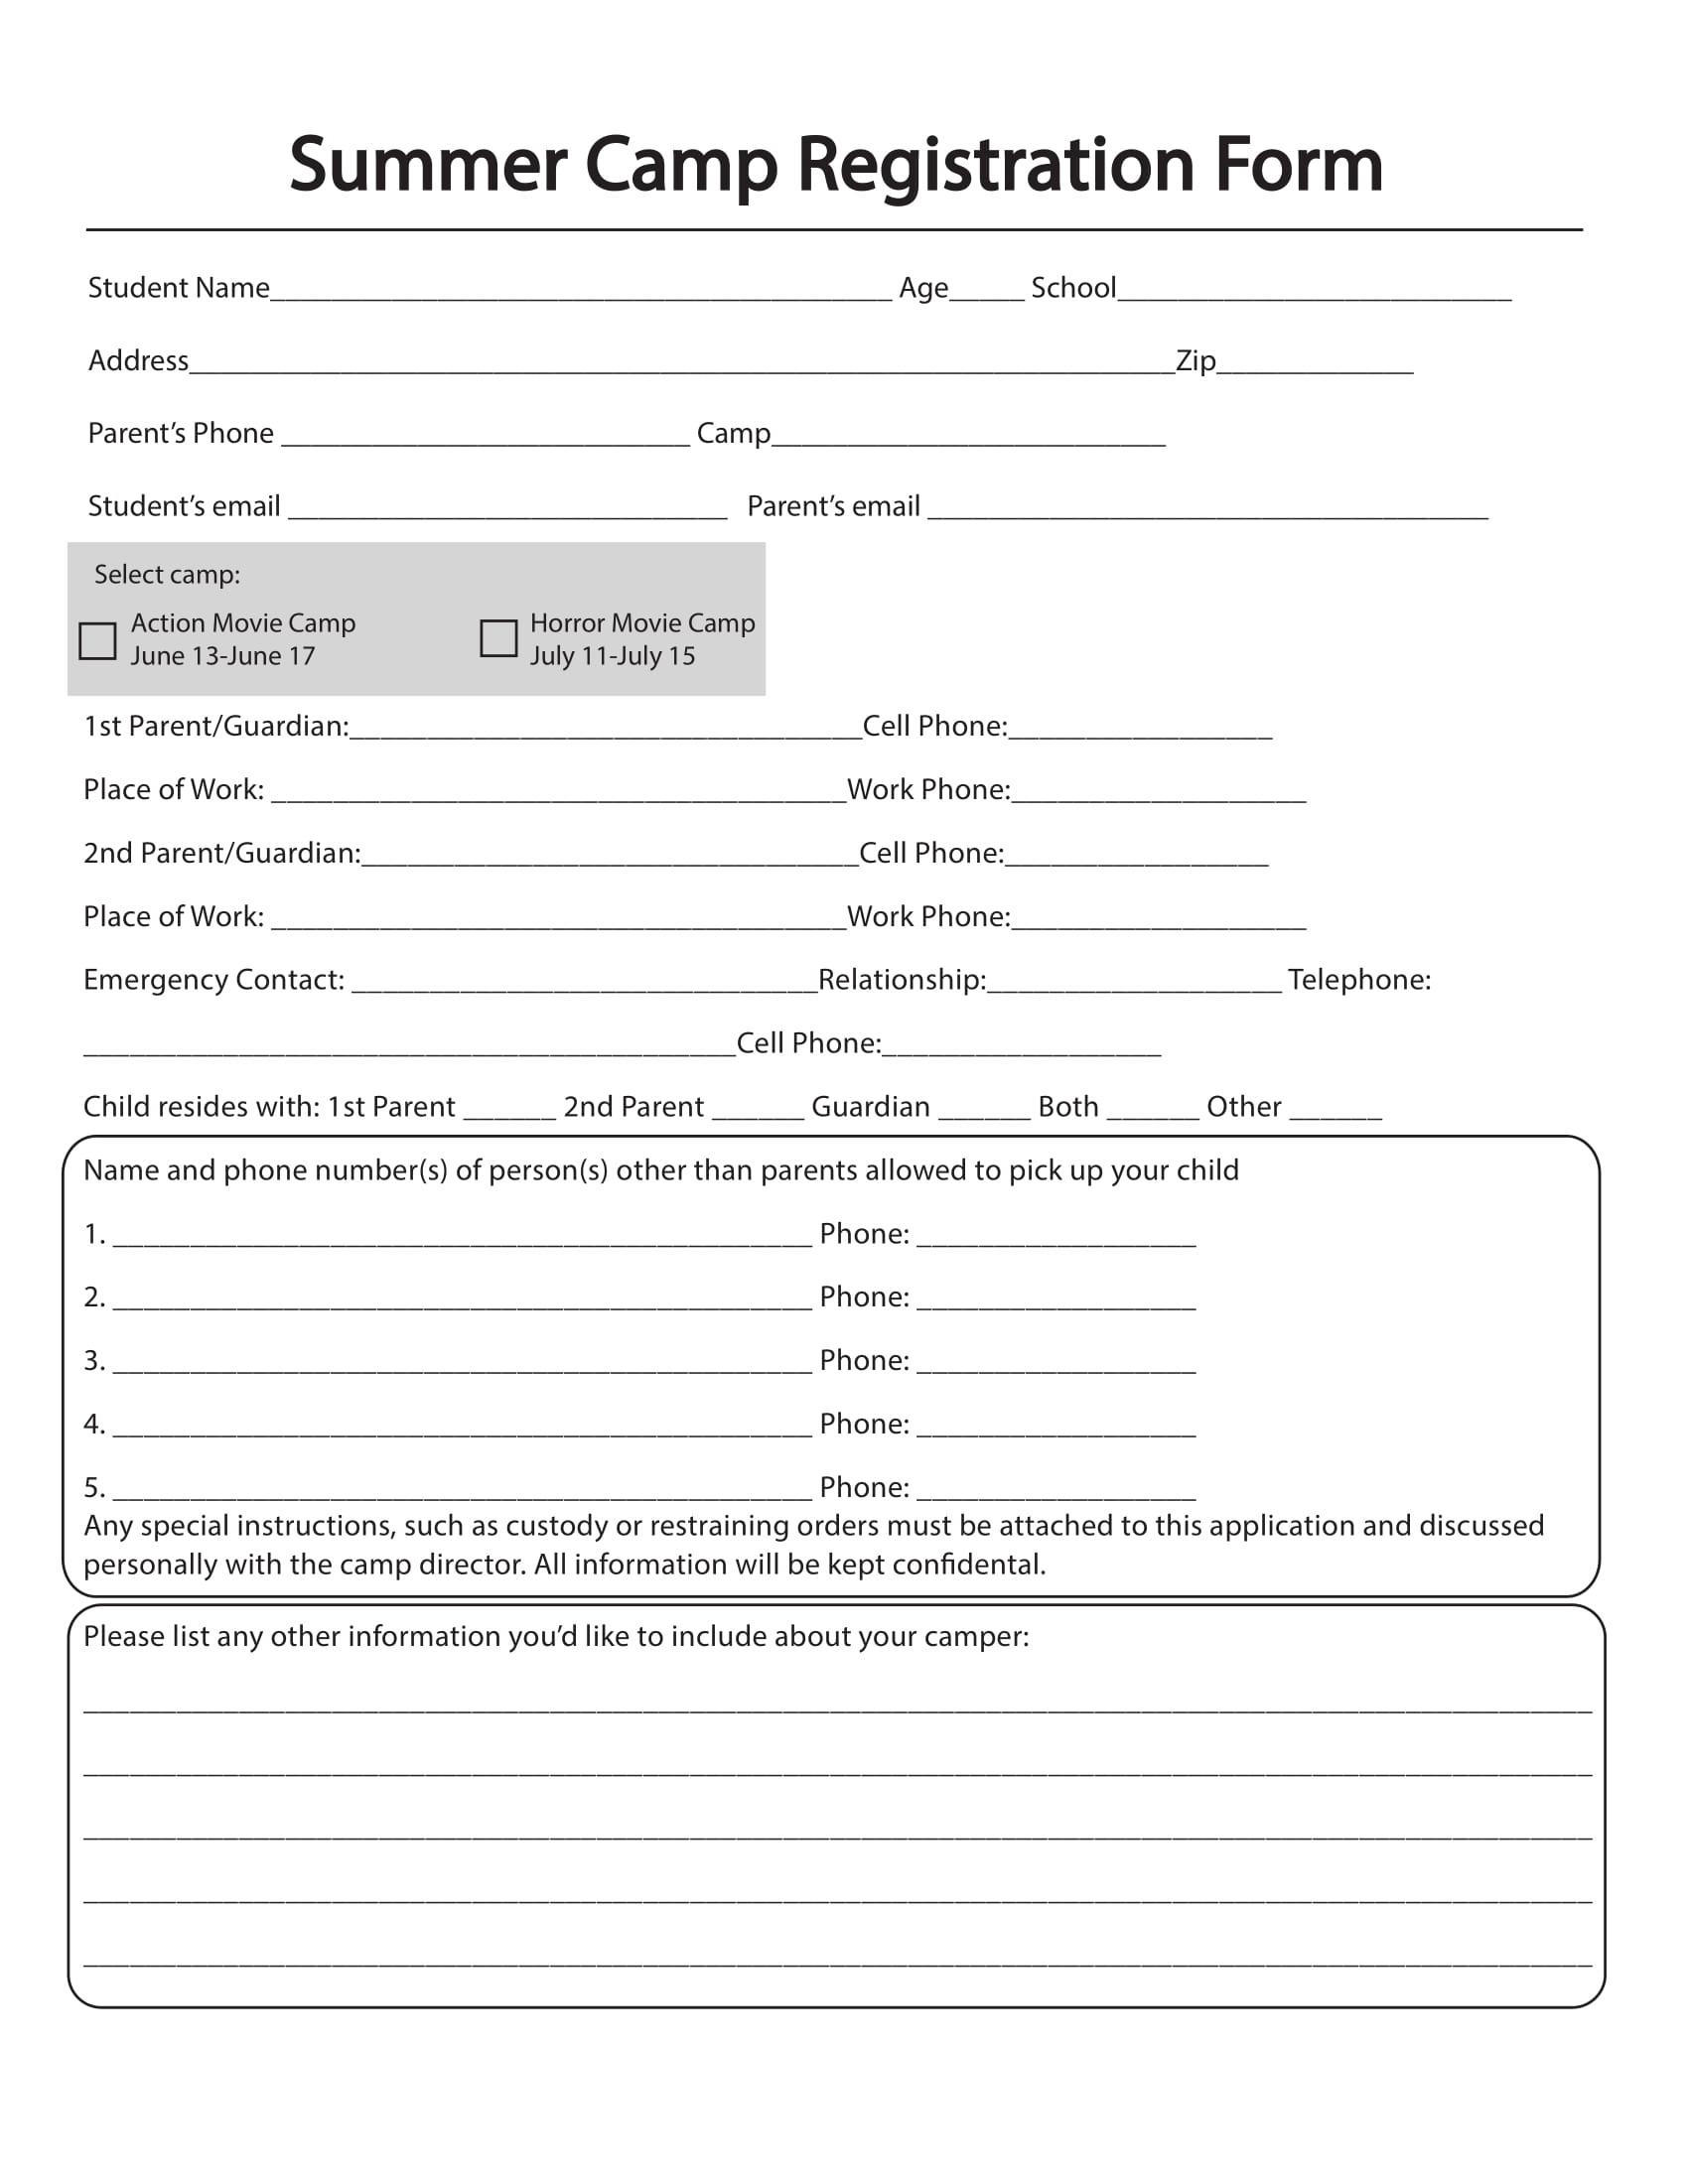 10+ Printable Summer Camp Registration Forms - Pdf - Free Printable Summer Camp Registration Forms